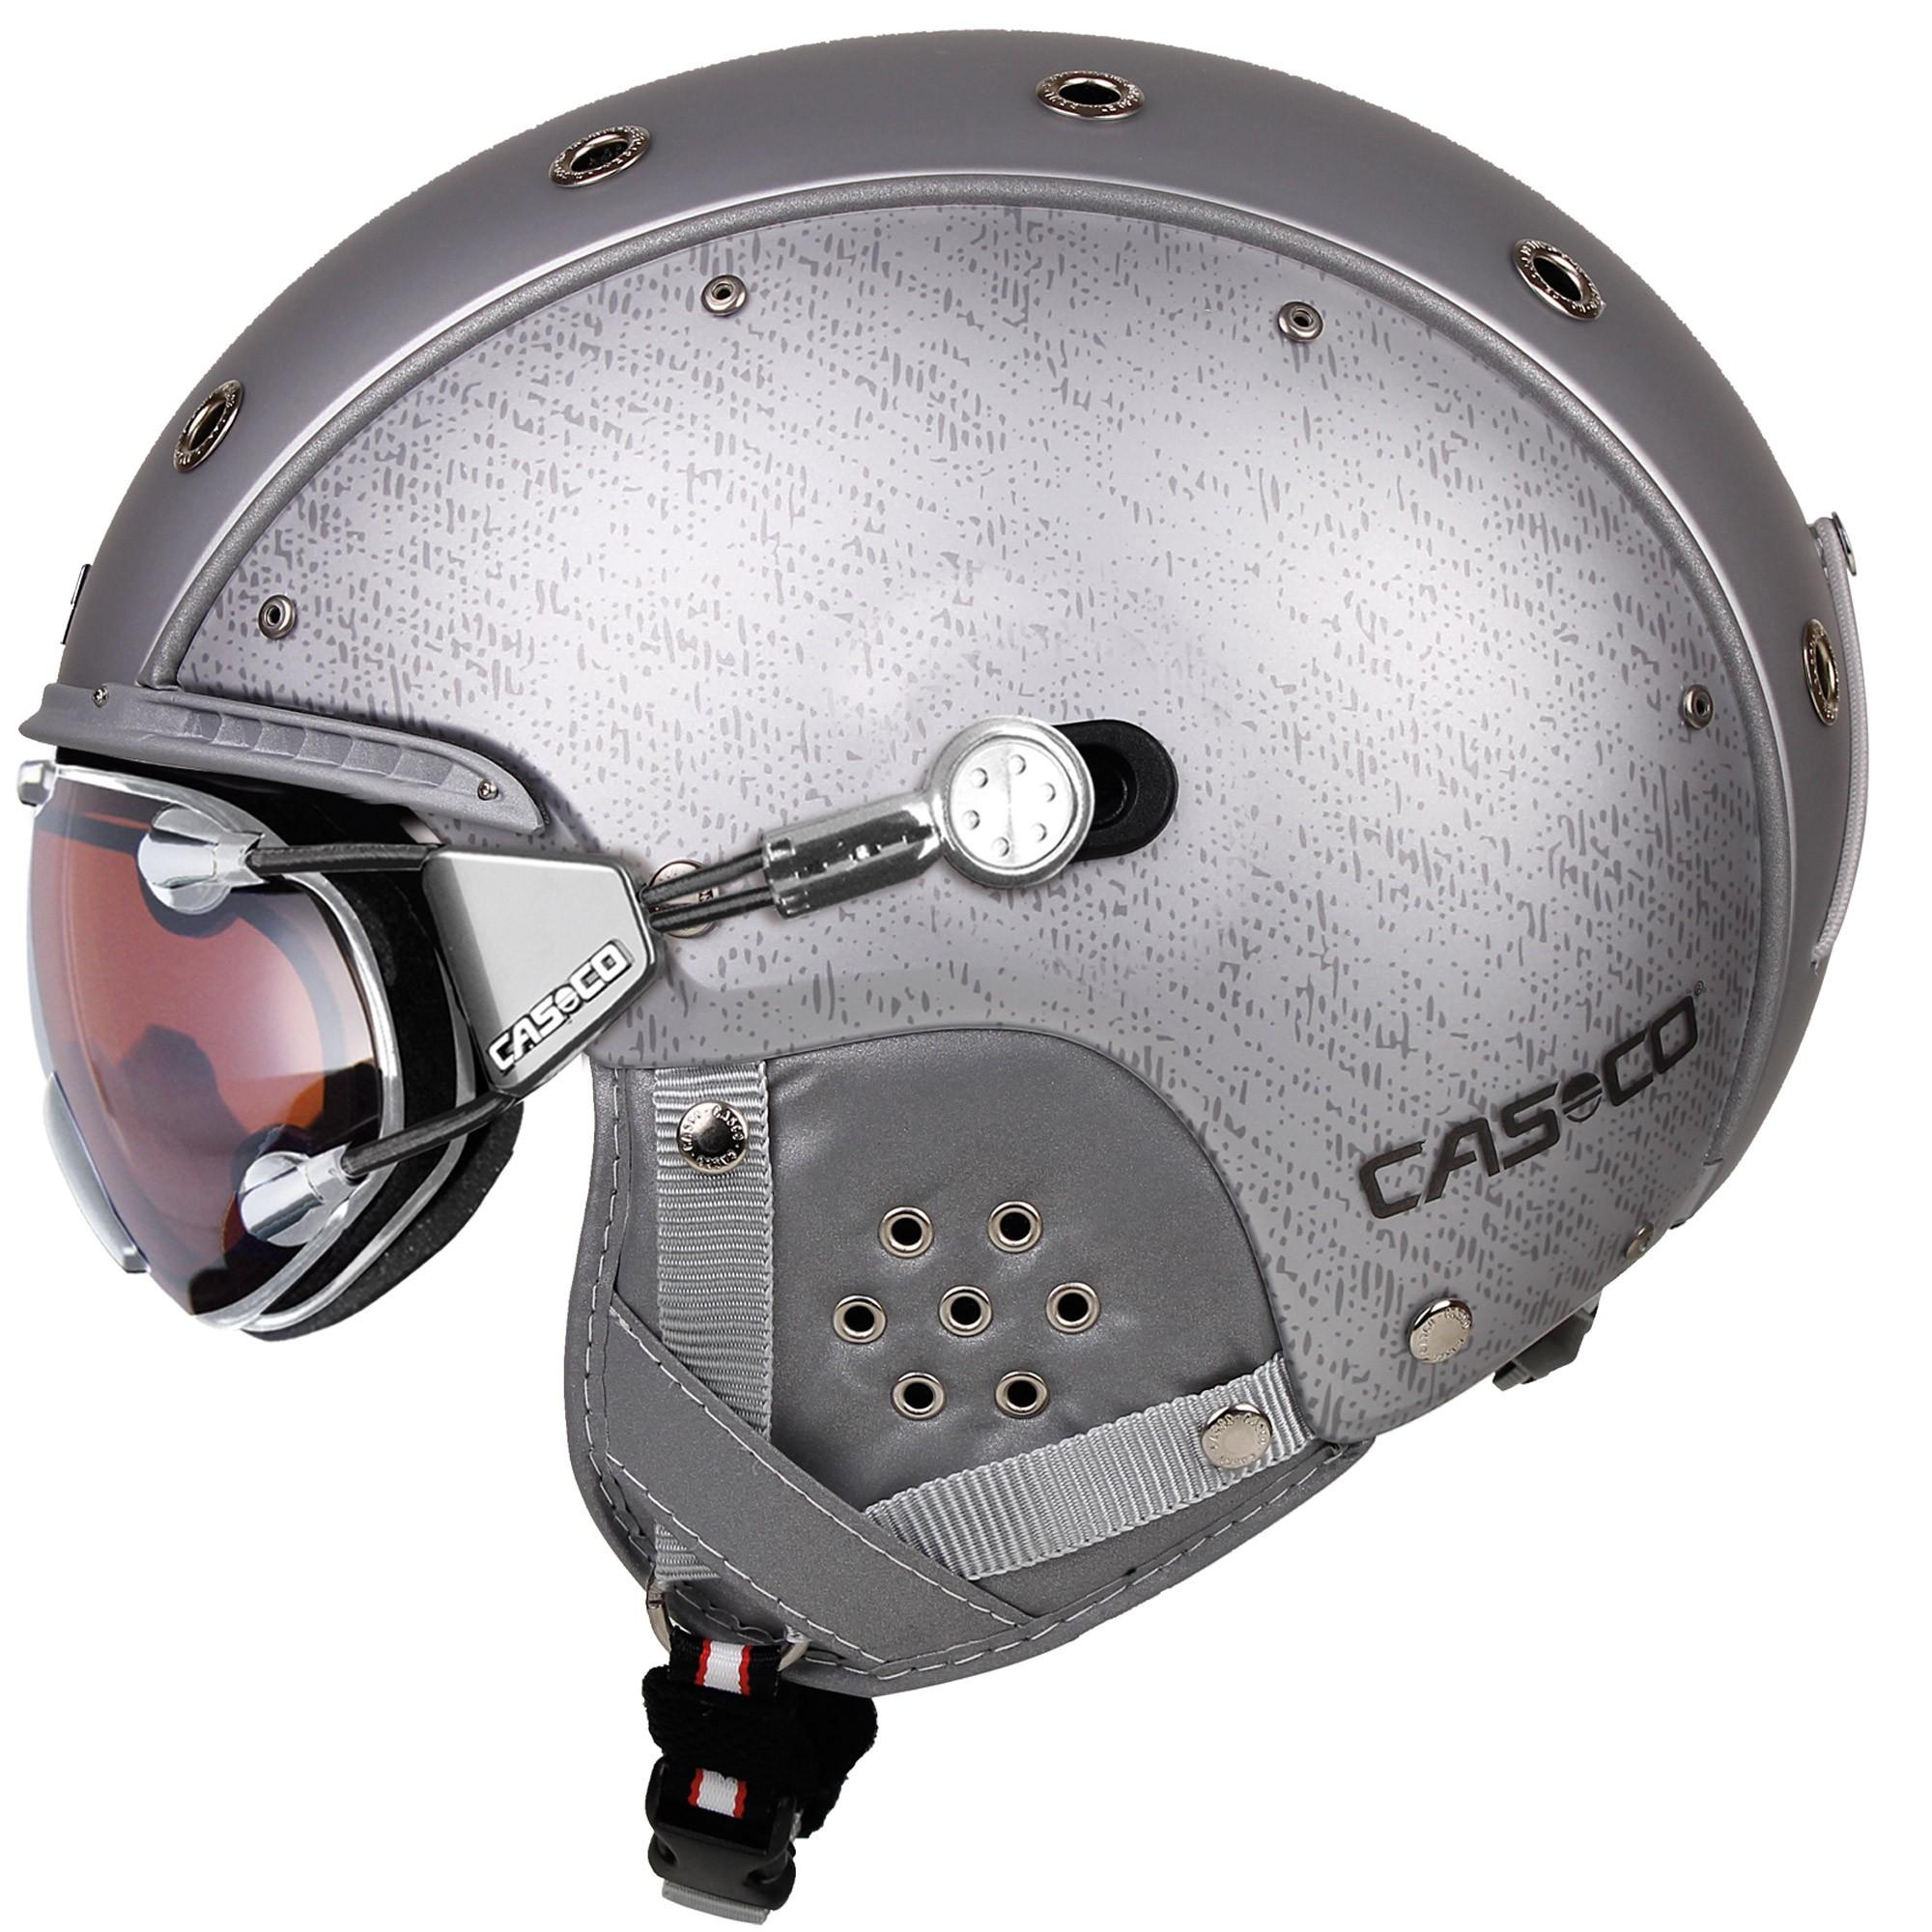 Afbeelding van Casco SP 3 Airwolf Helm Silver 54 58 Cm